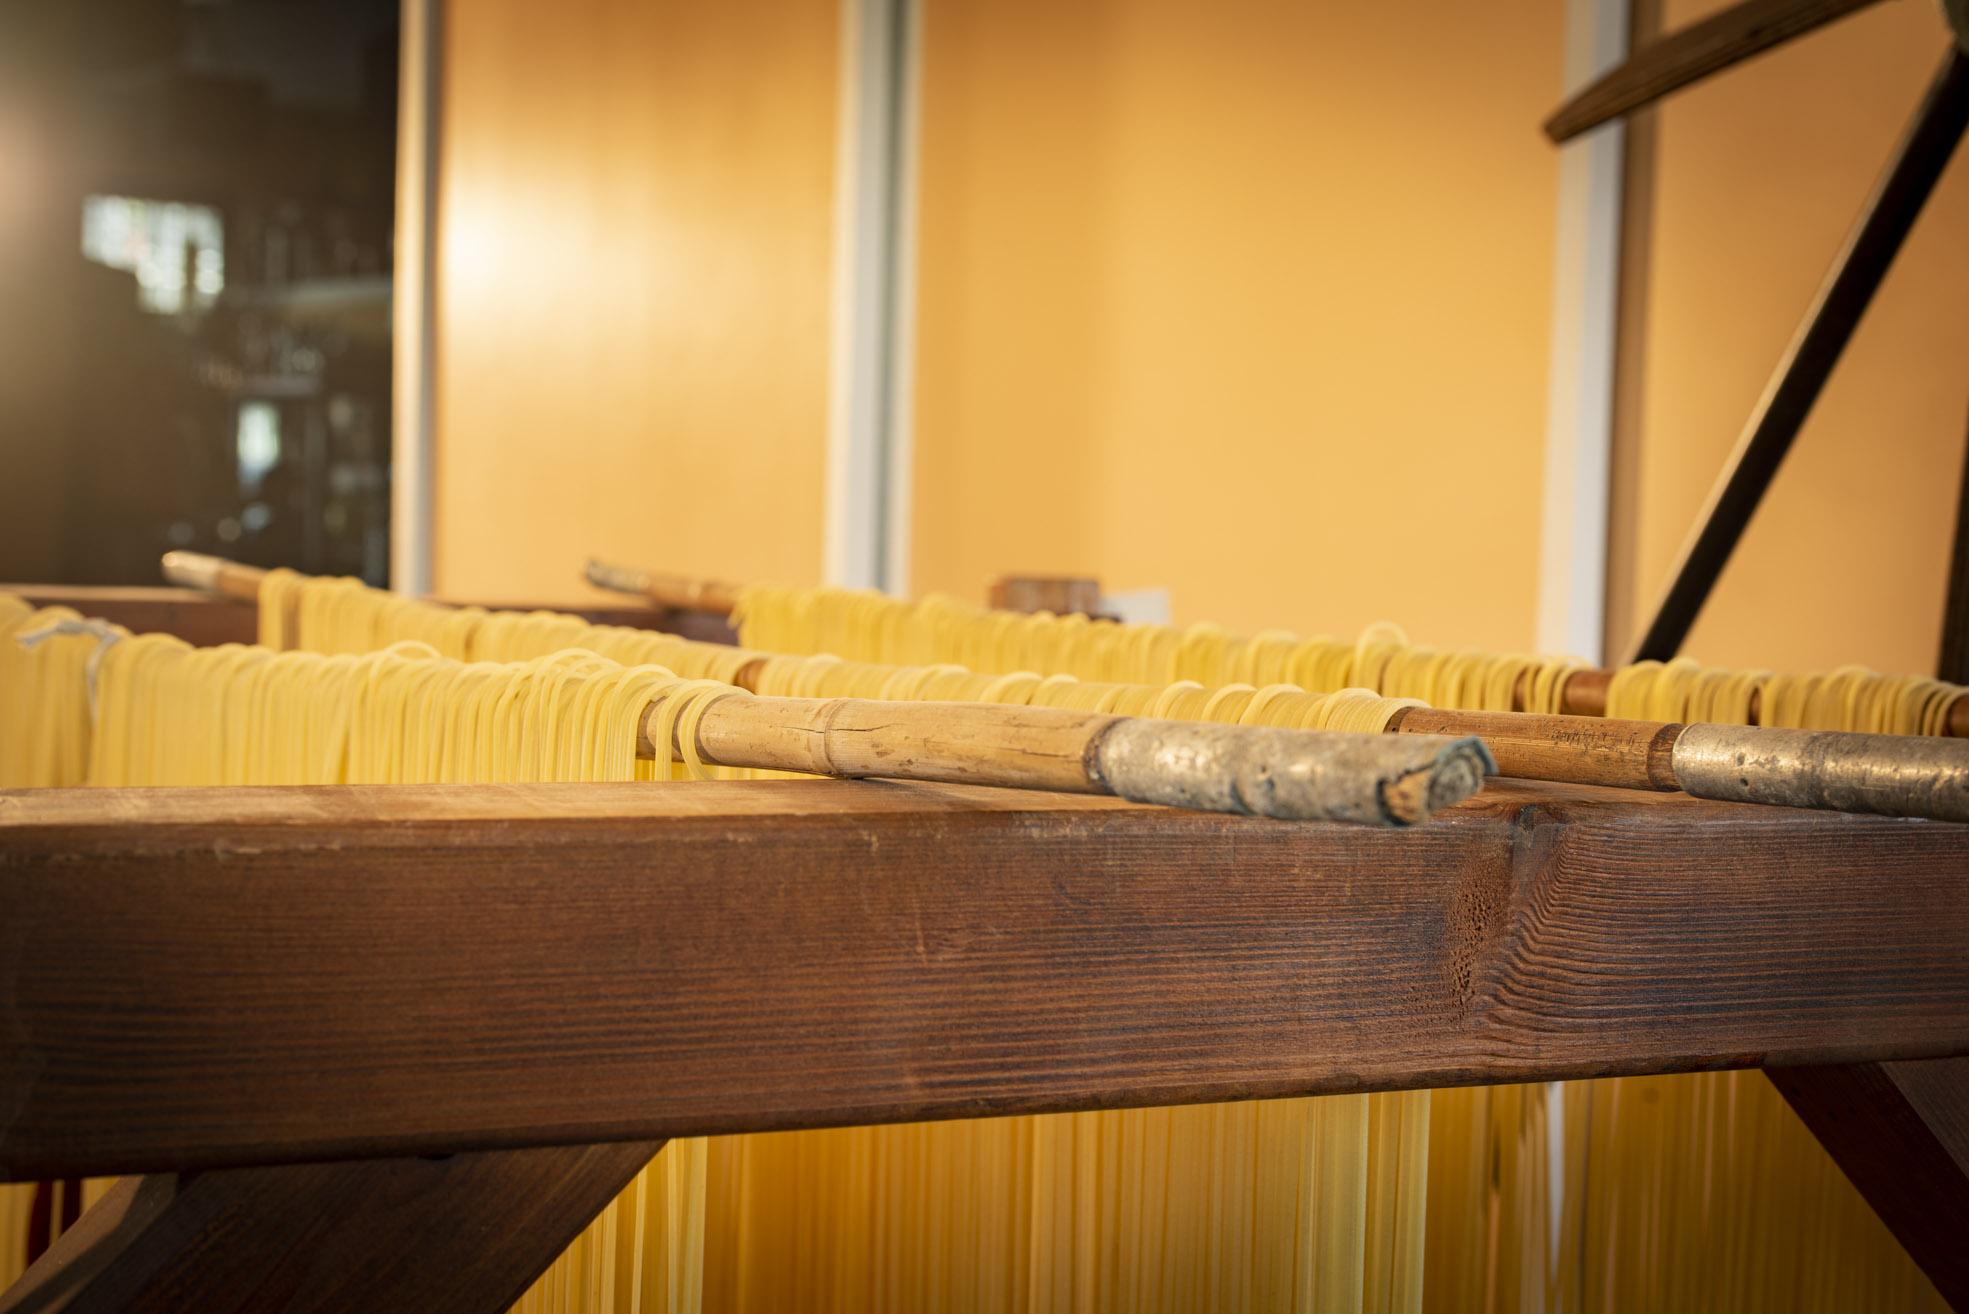 Museo Privato Fabbrica Pasta Gragnano Asciugatura Pasta LoveItalia